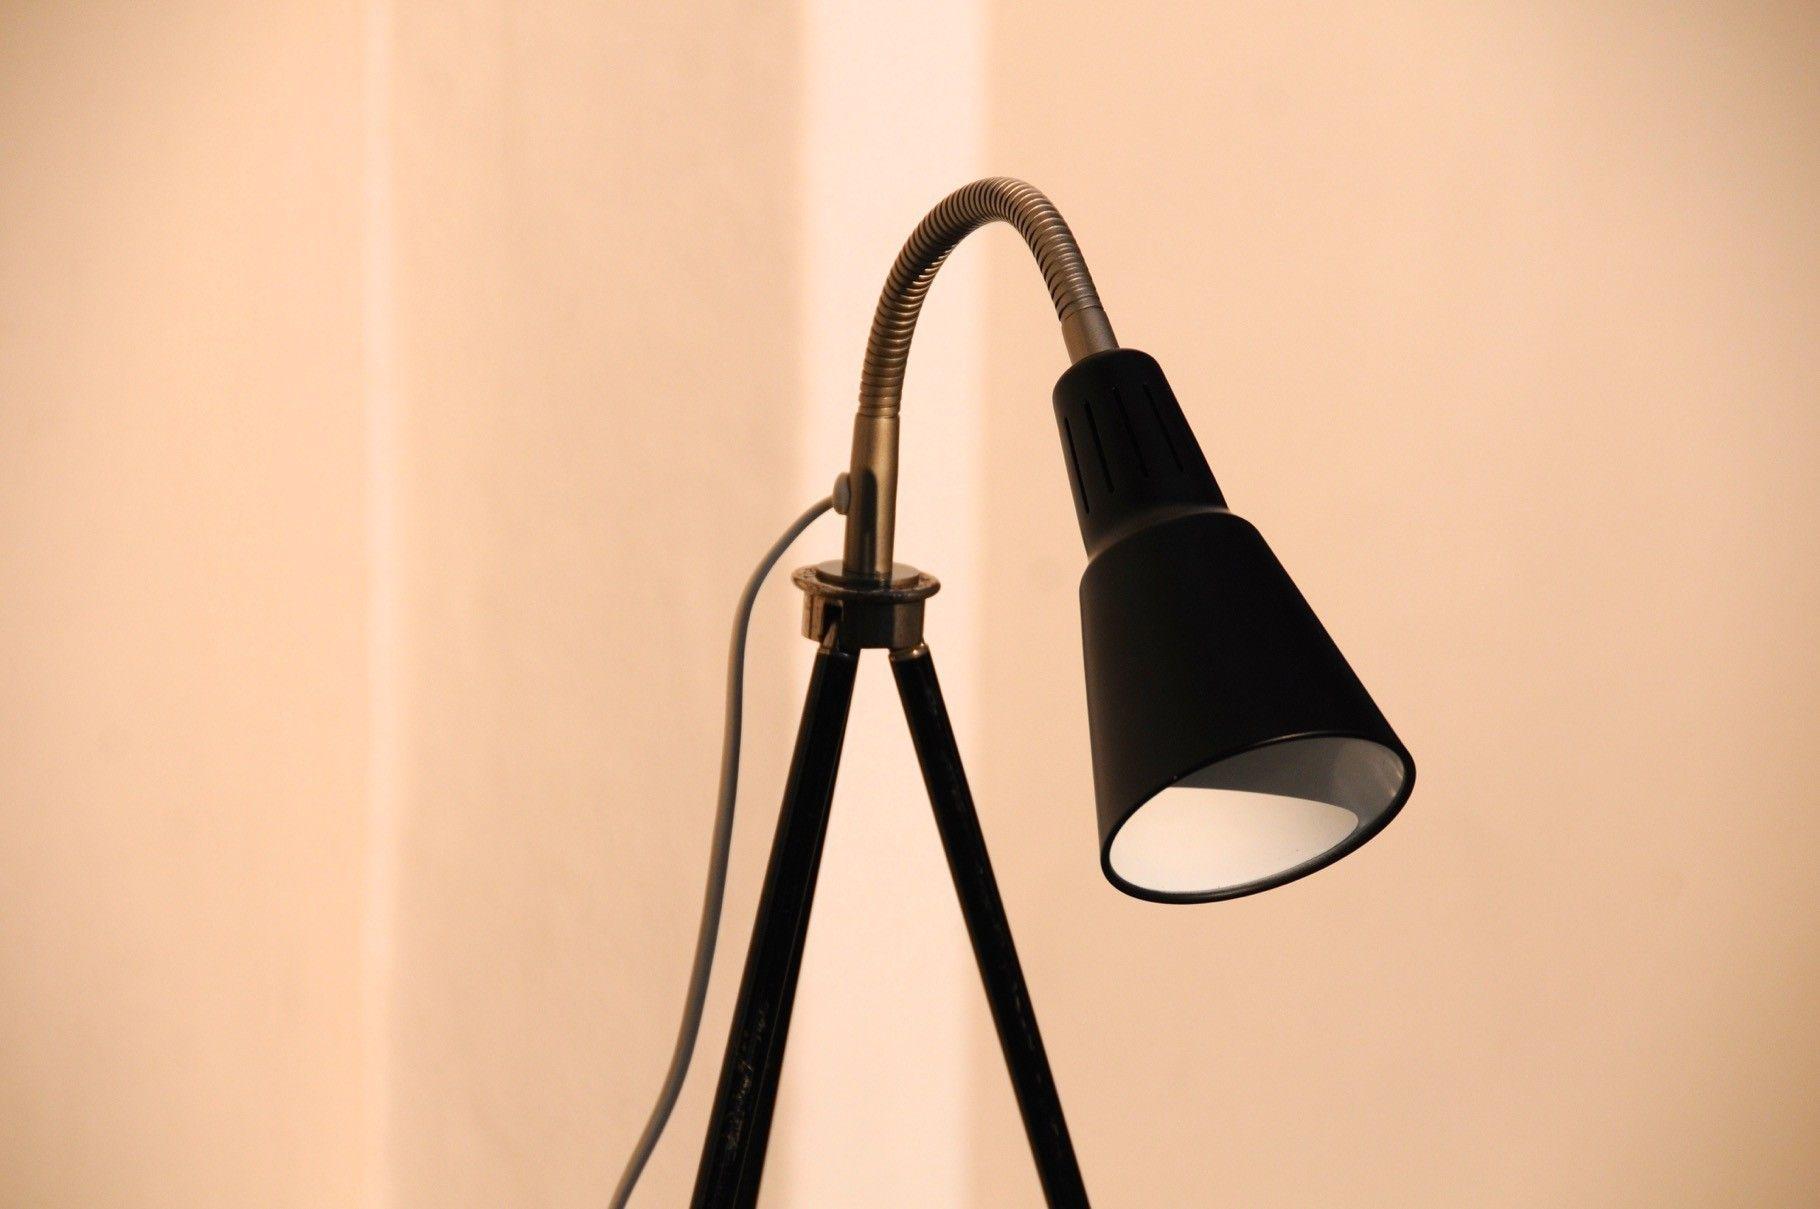 Tripod Lampe Architekt Bauhaus Stil Tripod lampe